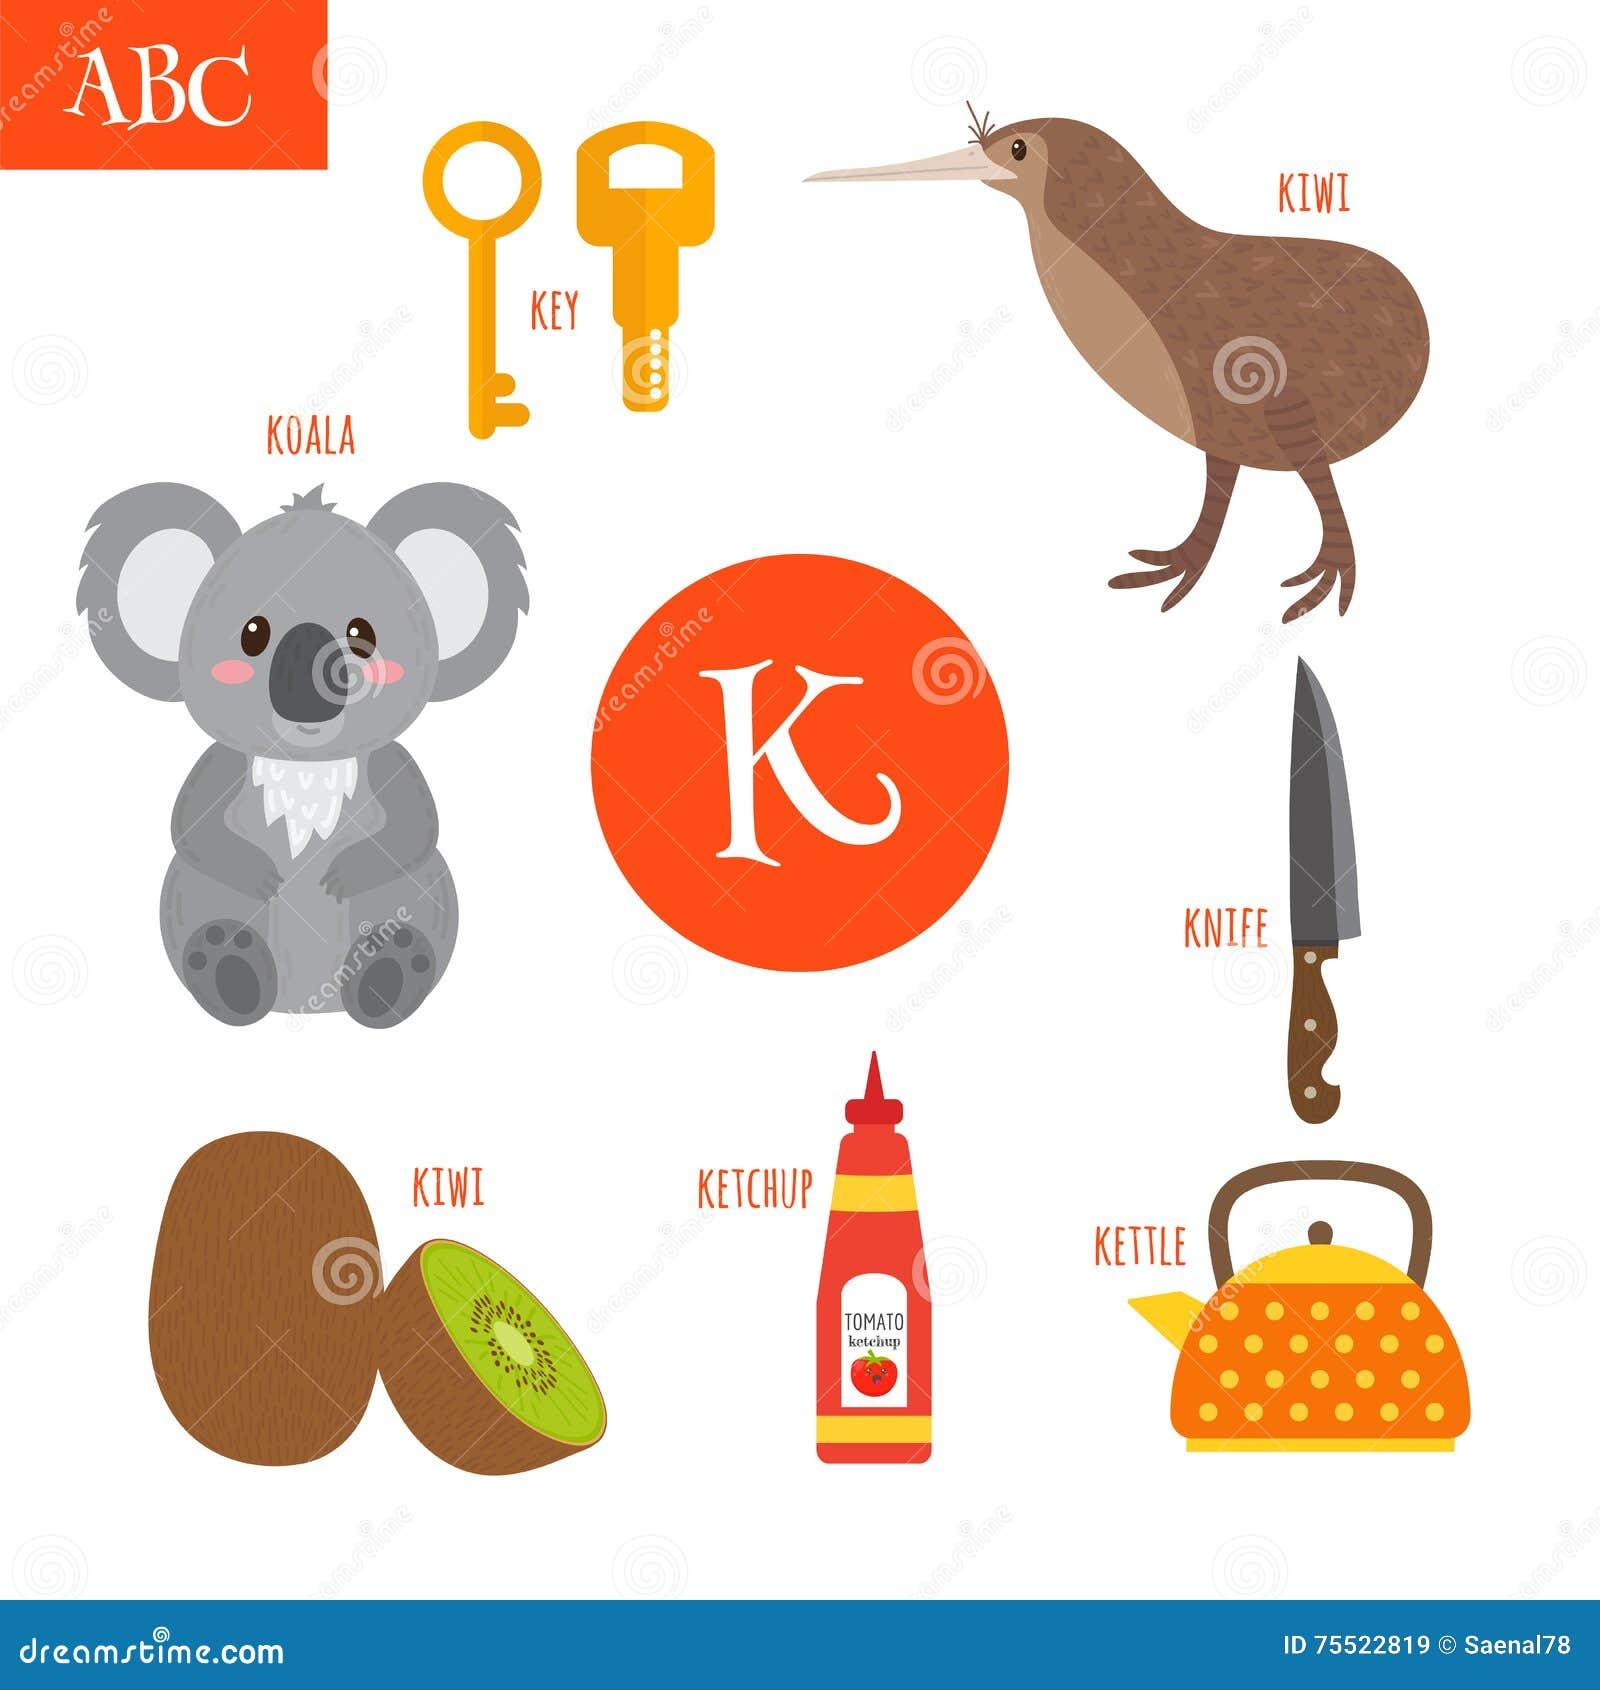 letter k cartoon alphabet for children koala key kettle ket